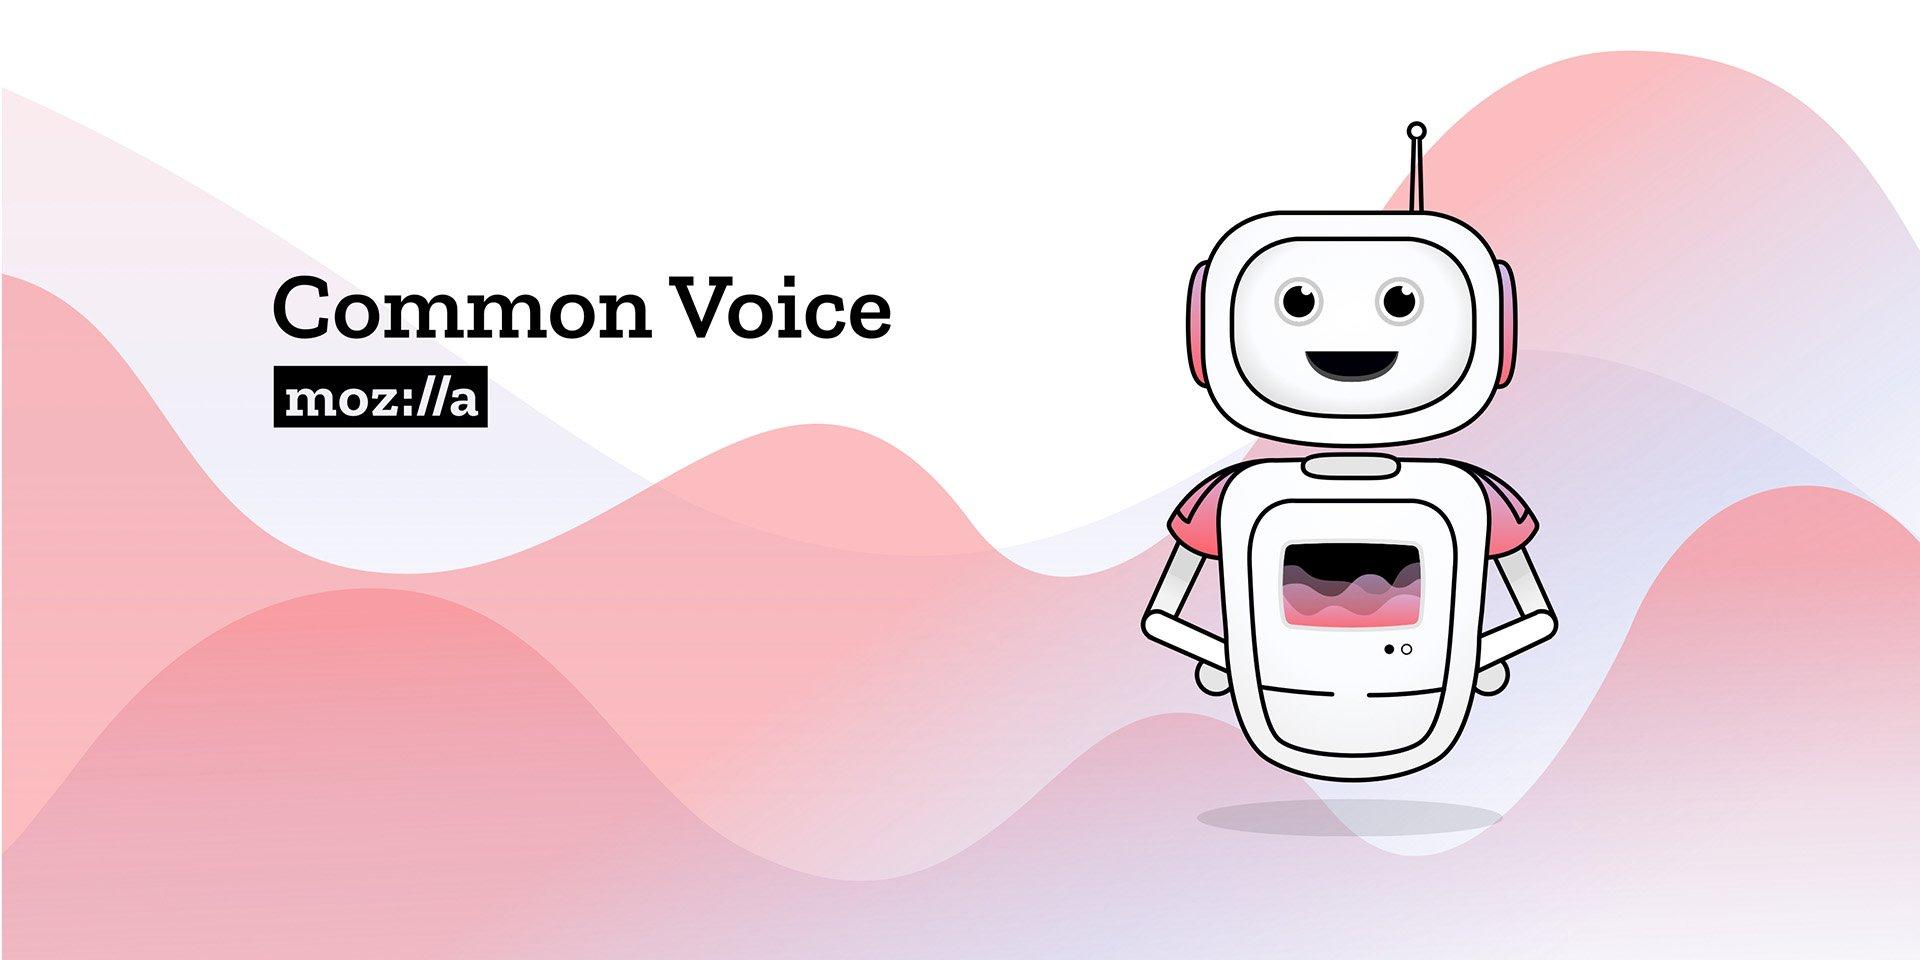 Common Voice, desarrollado por Mozilla